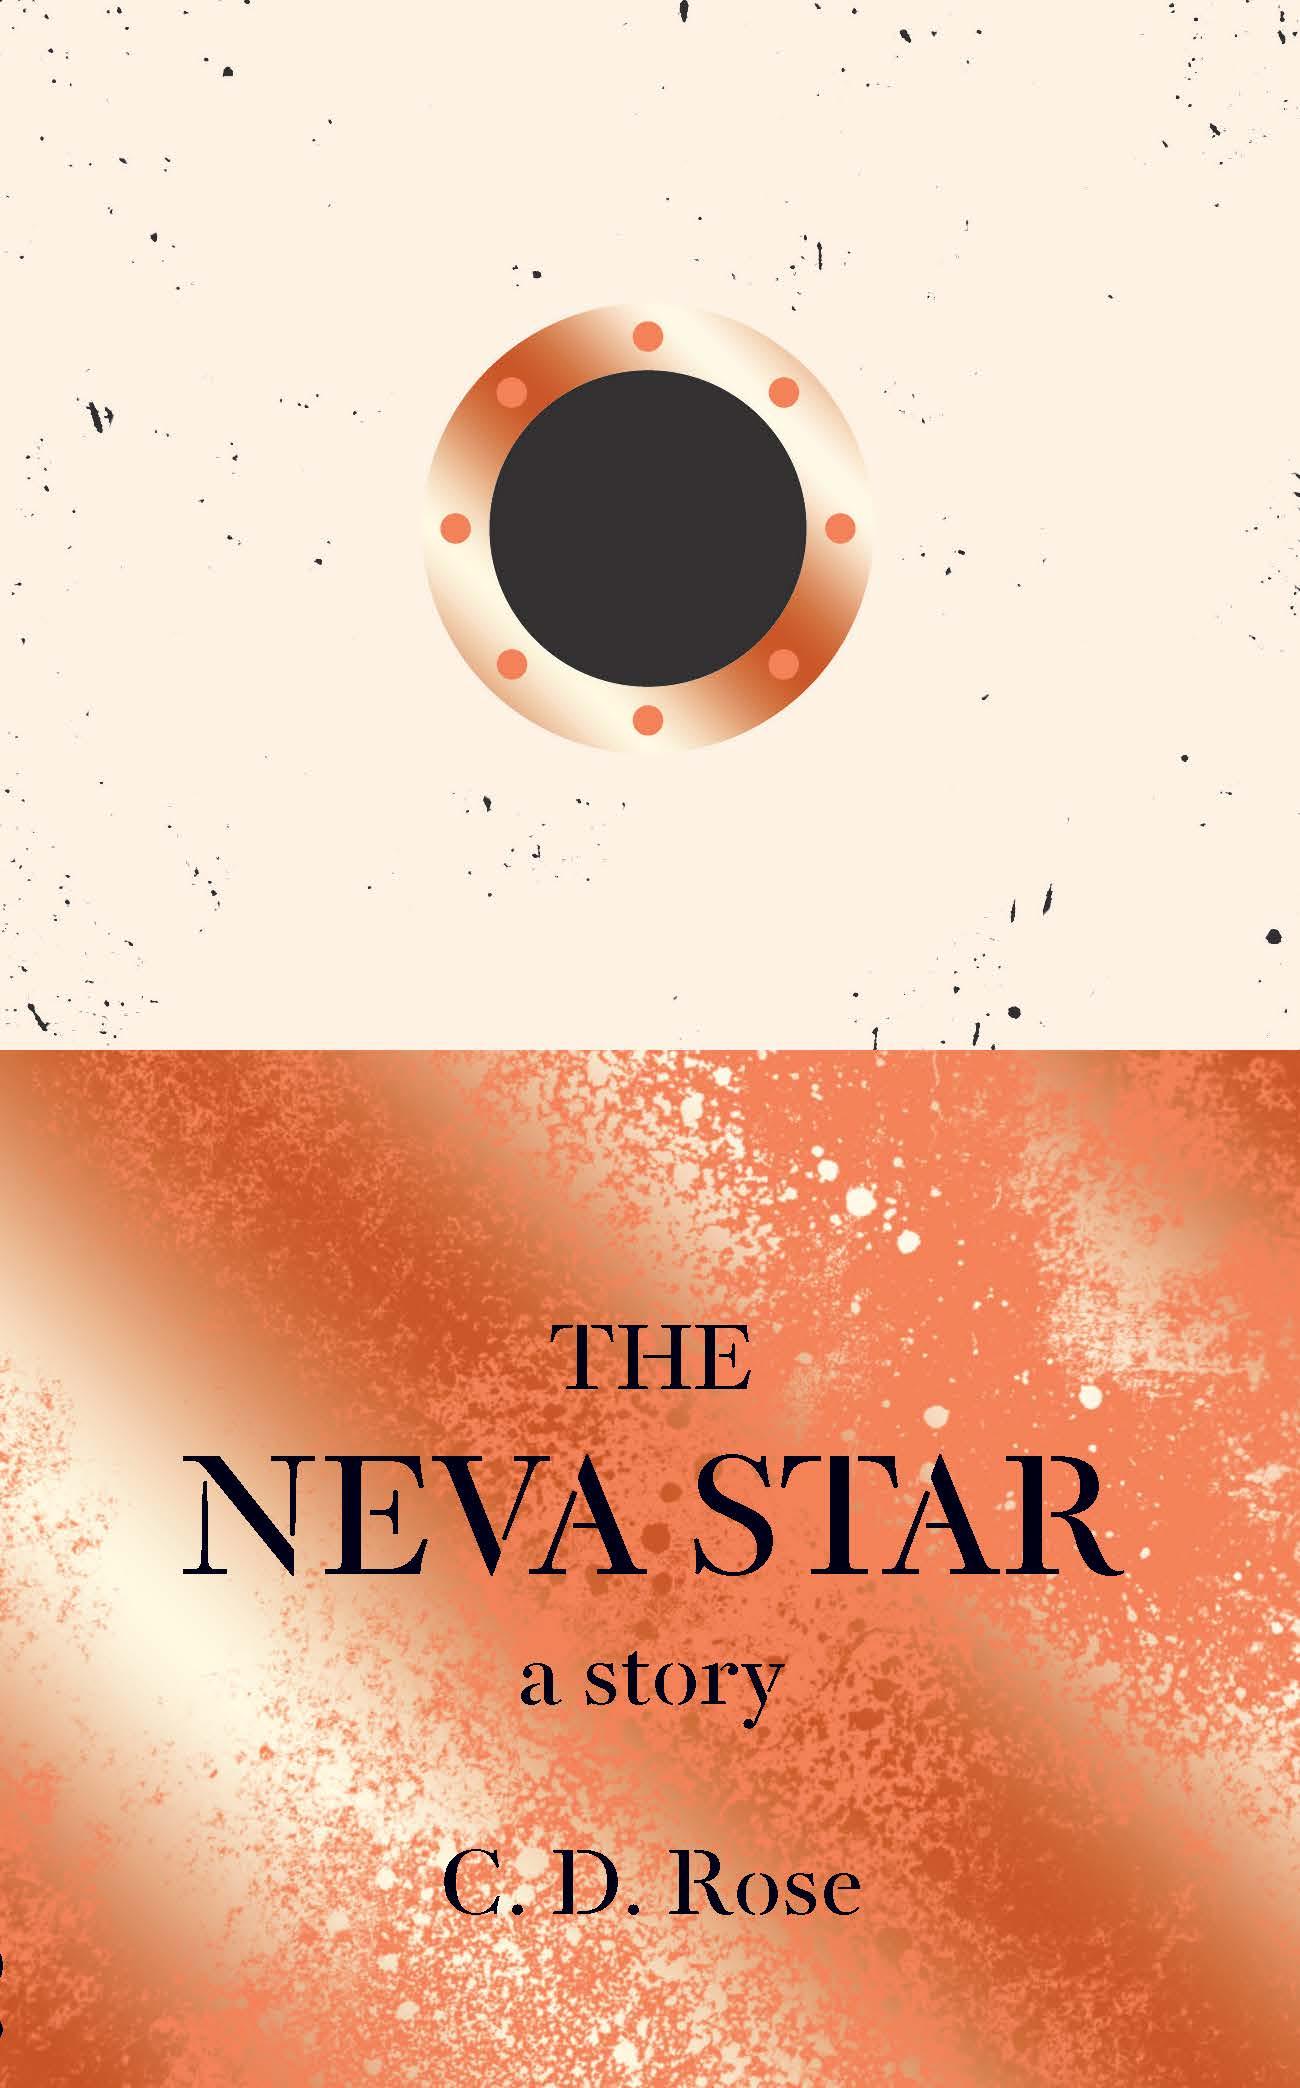 The Neva Star